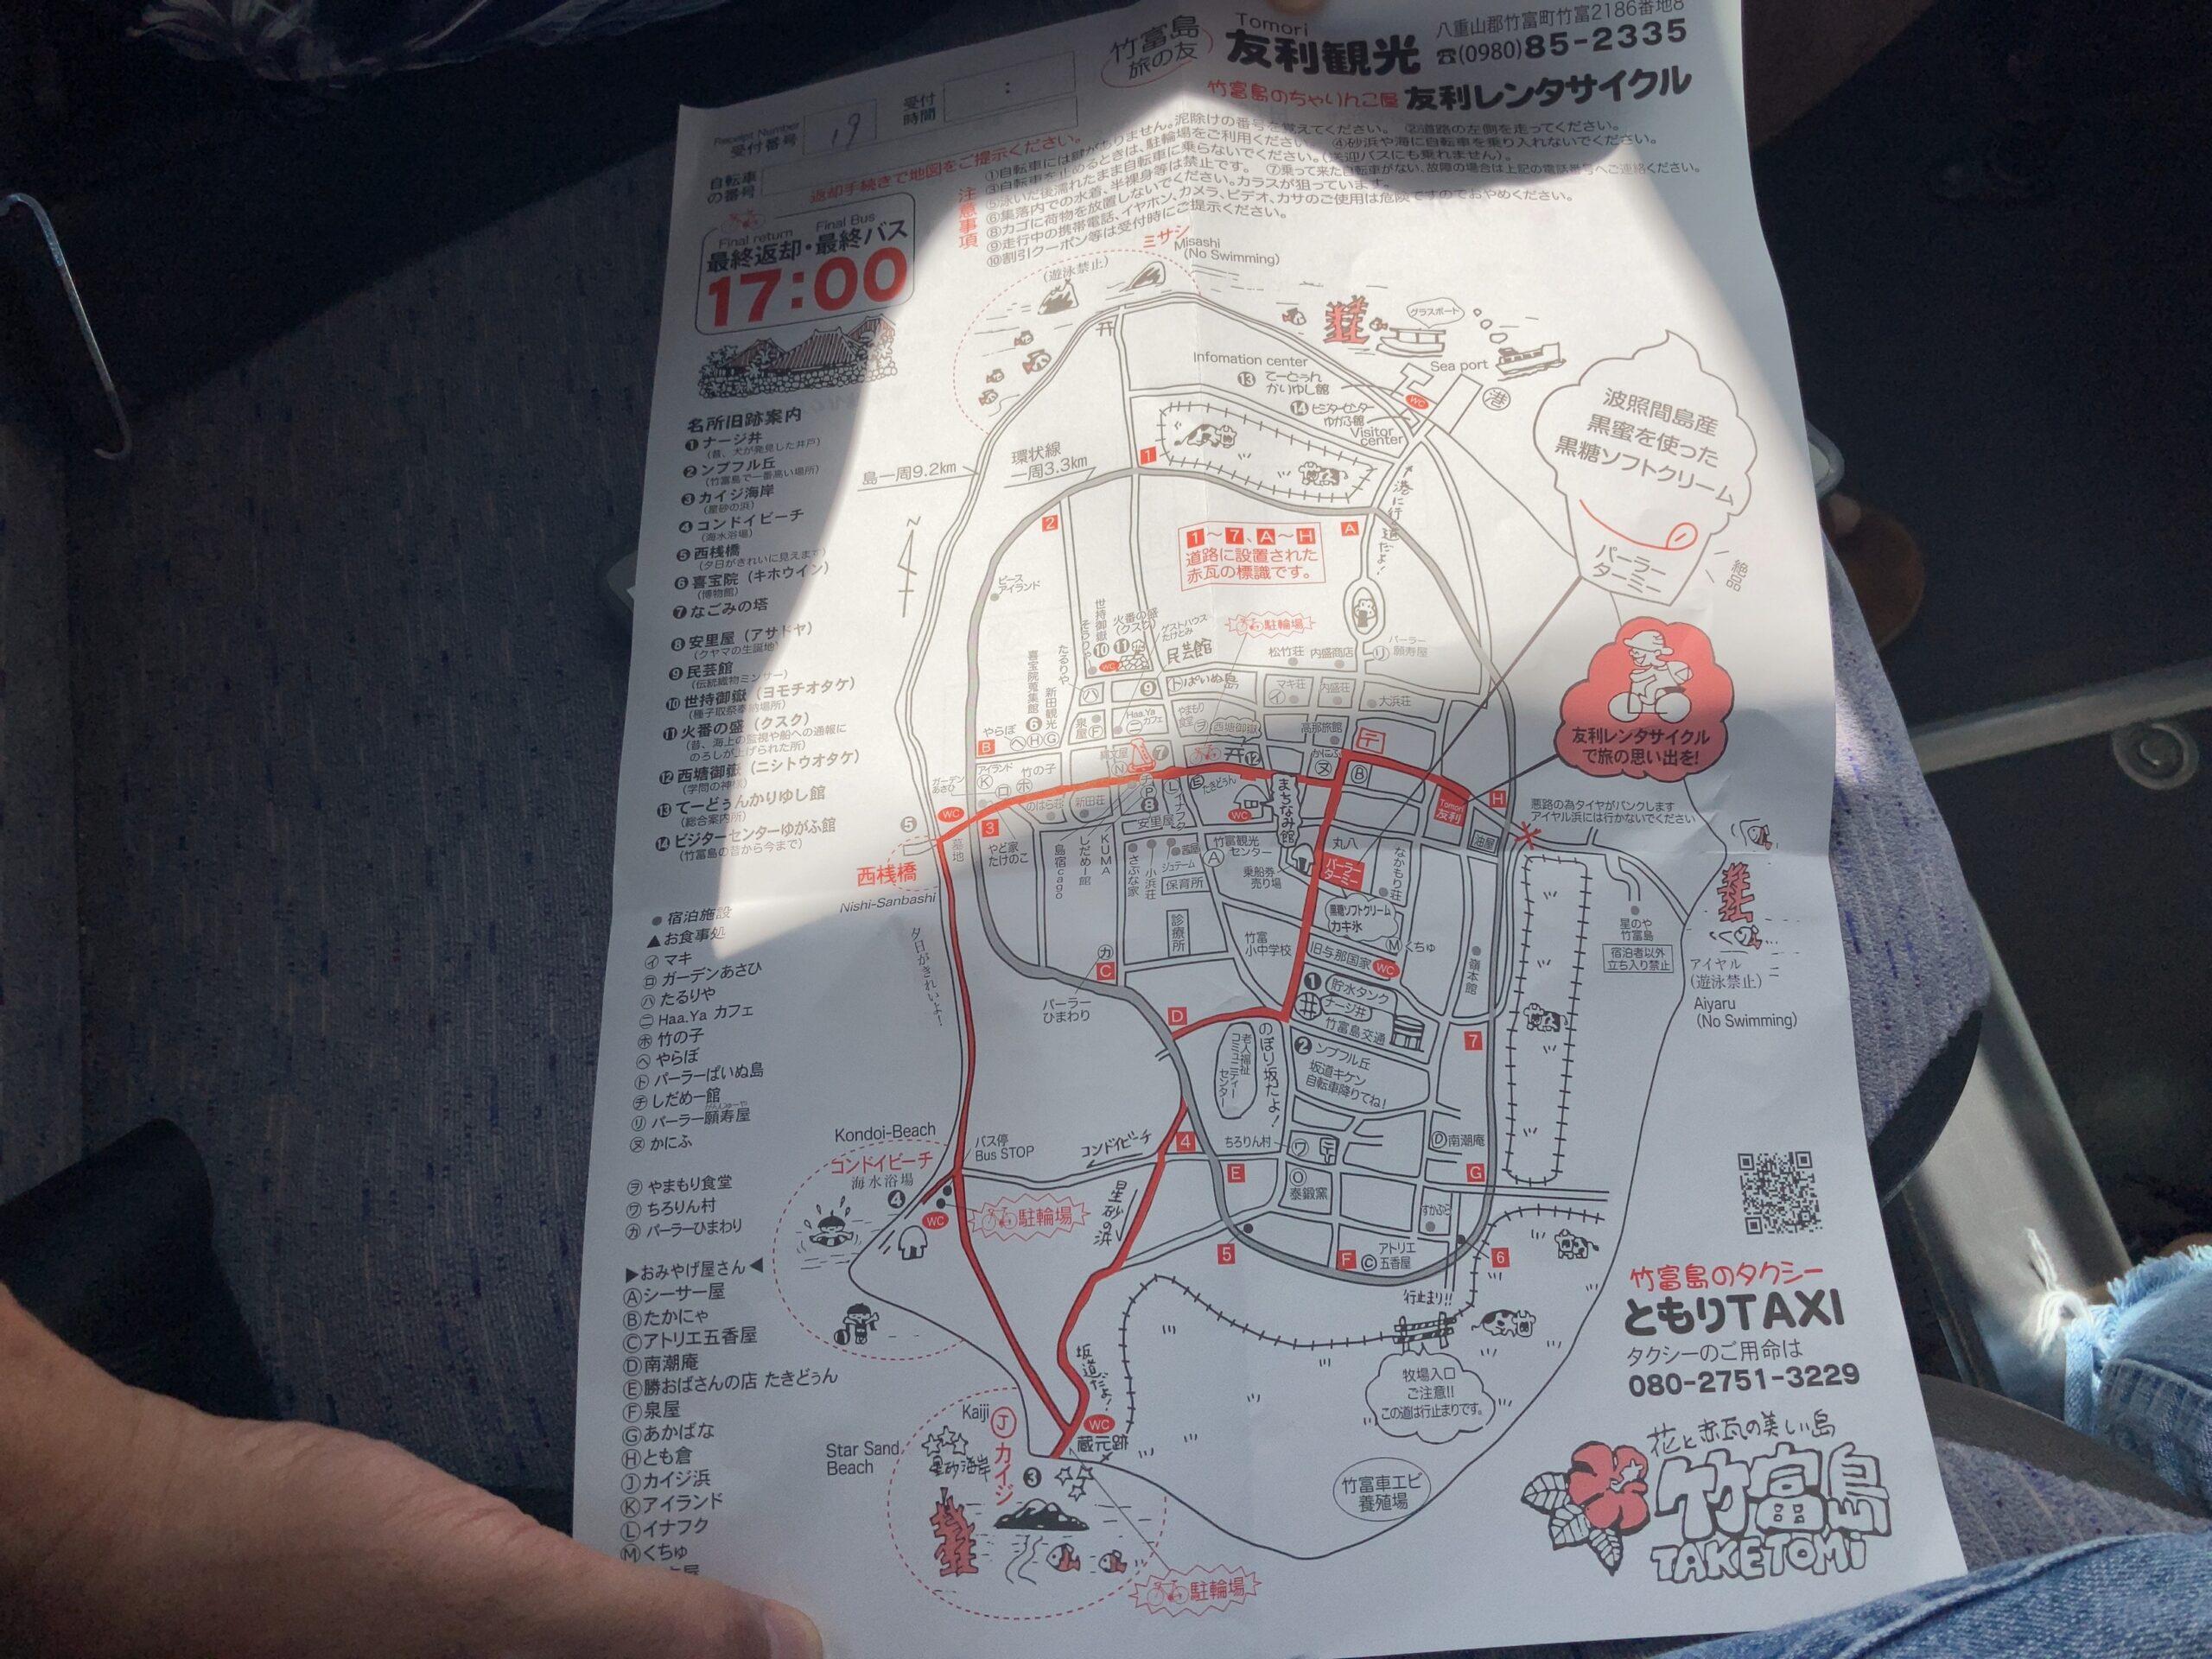 竹富島レンタサイクルモデルルートマップ